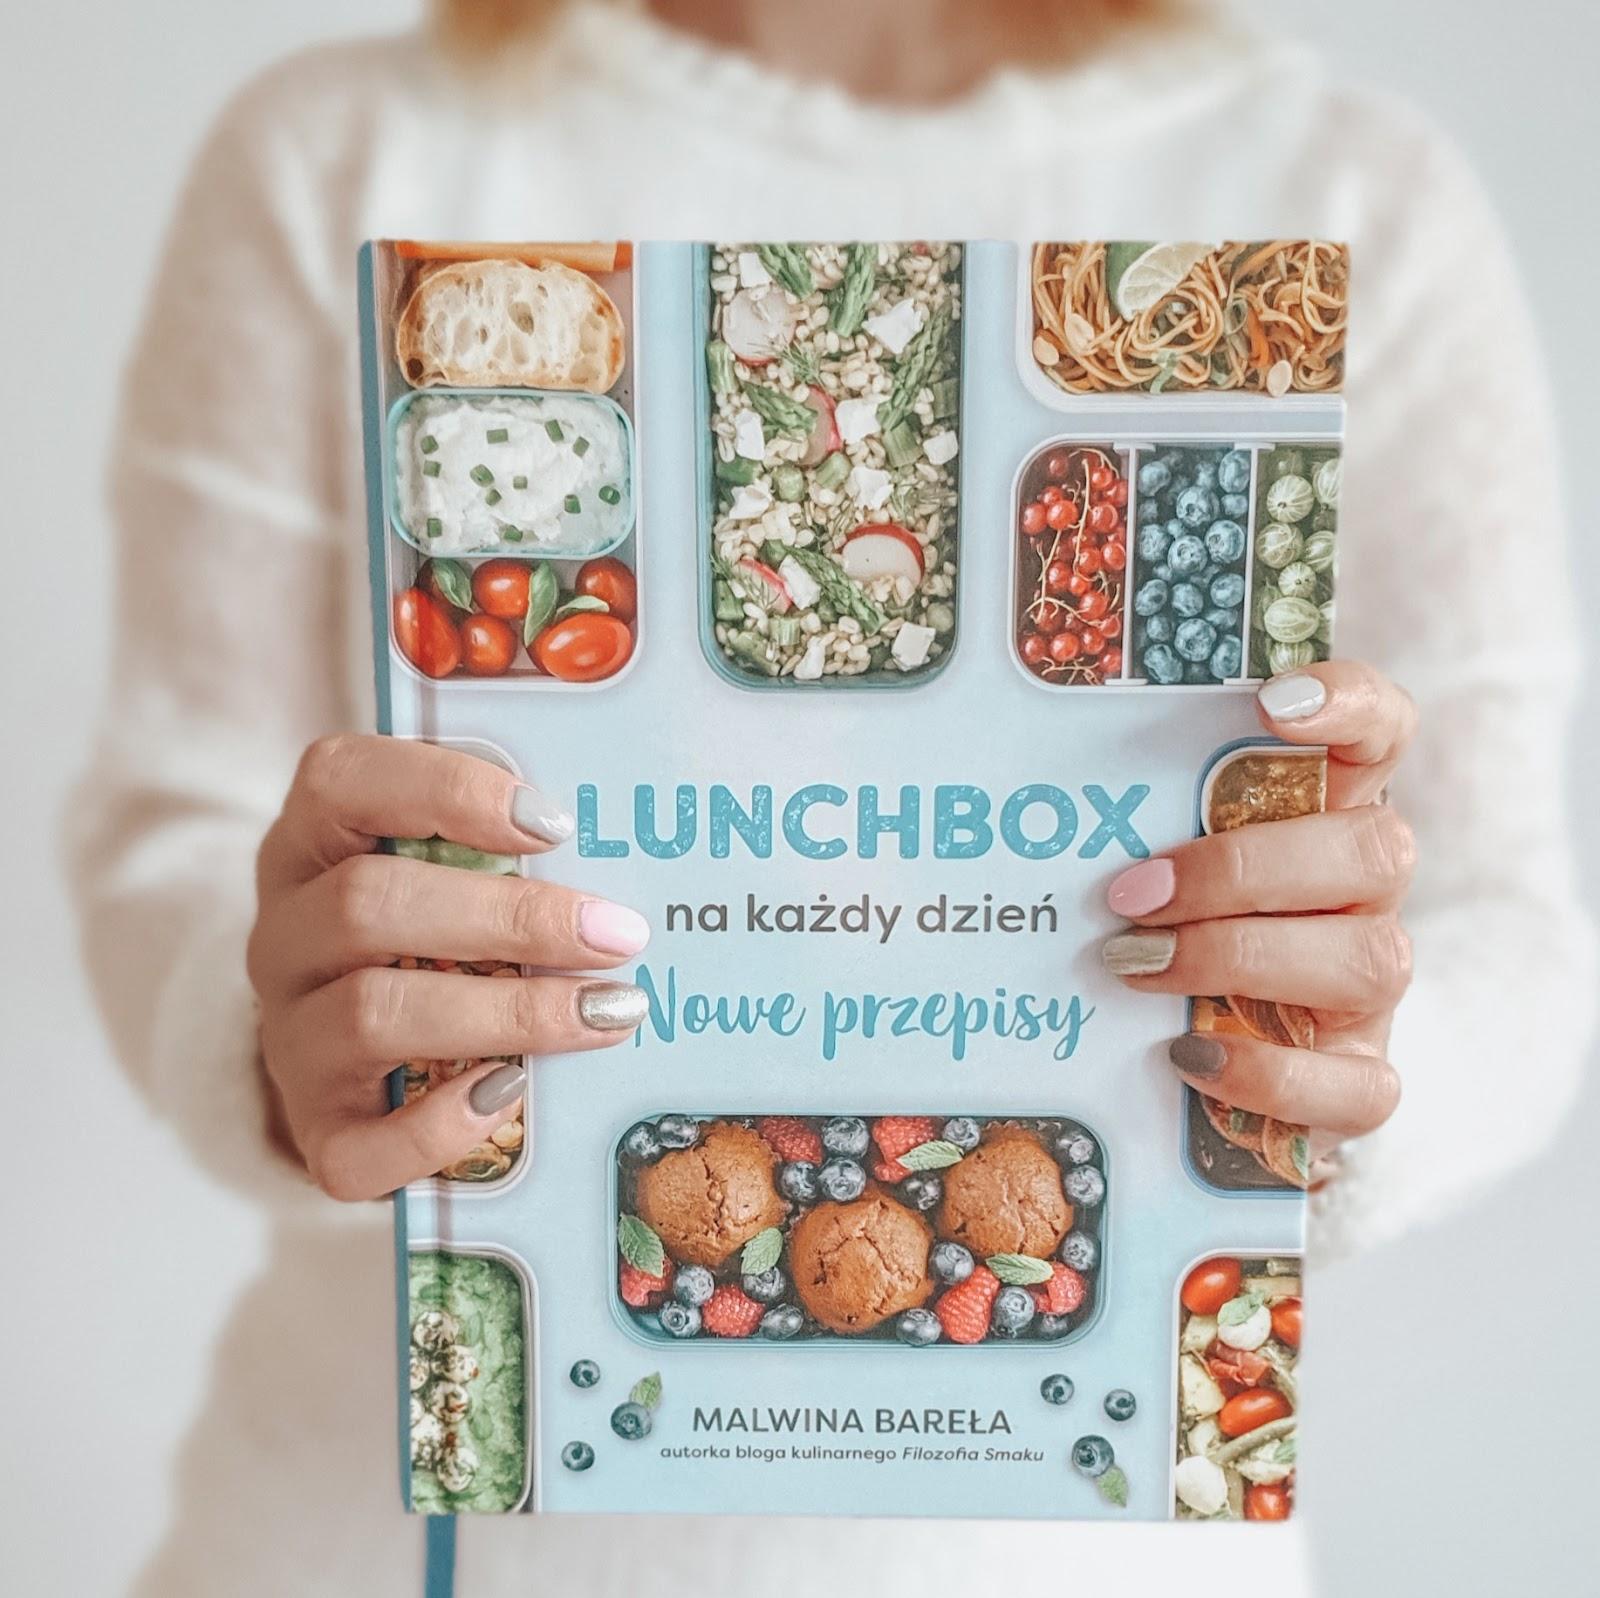 LUNCHBOX na każdy dzień - Malwina Bareła i Jej nowa książka - recenzja